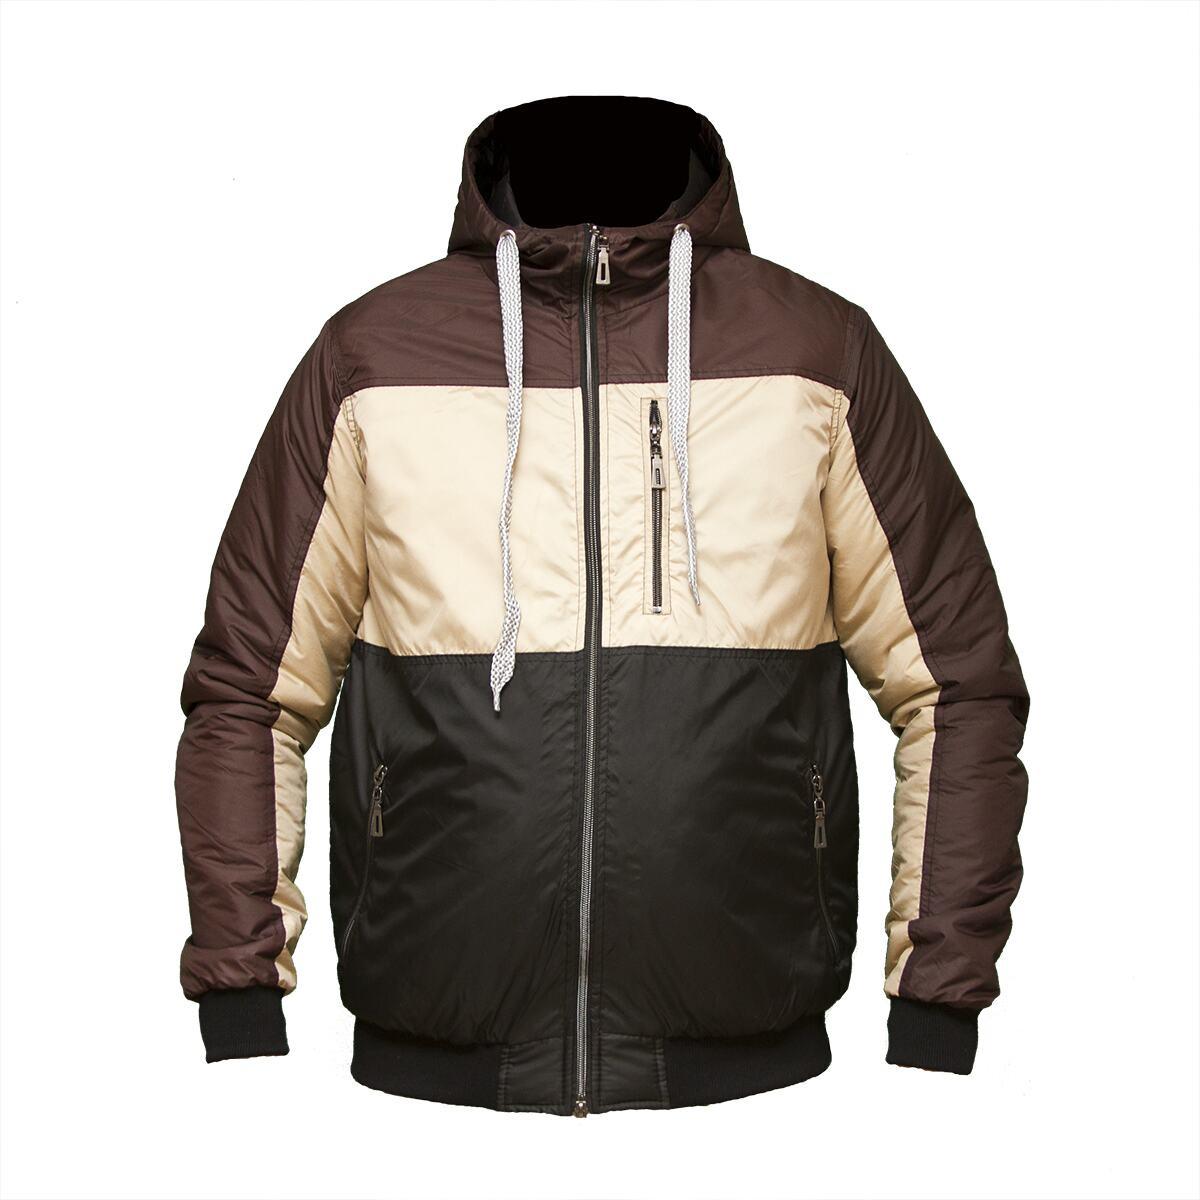 85d0a03d Куртка ветровка мужская с капюшоном : продажа, цена в Кременчуге ...